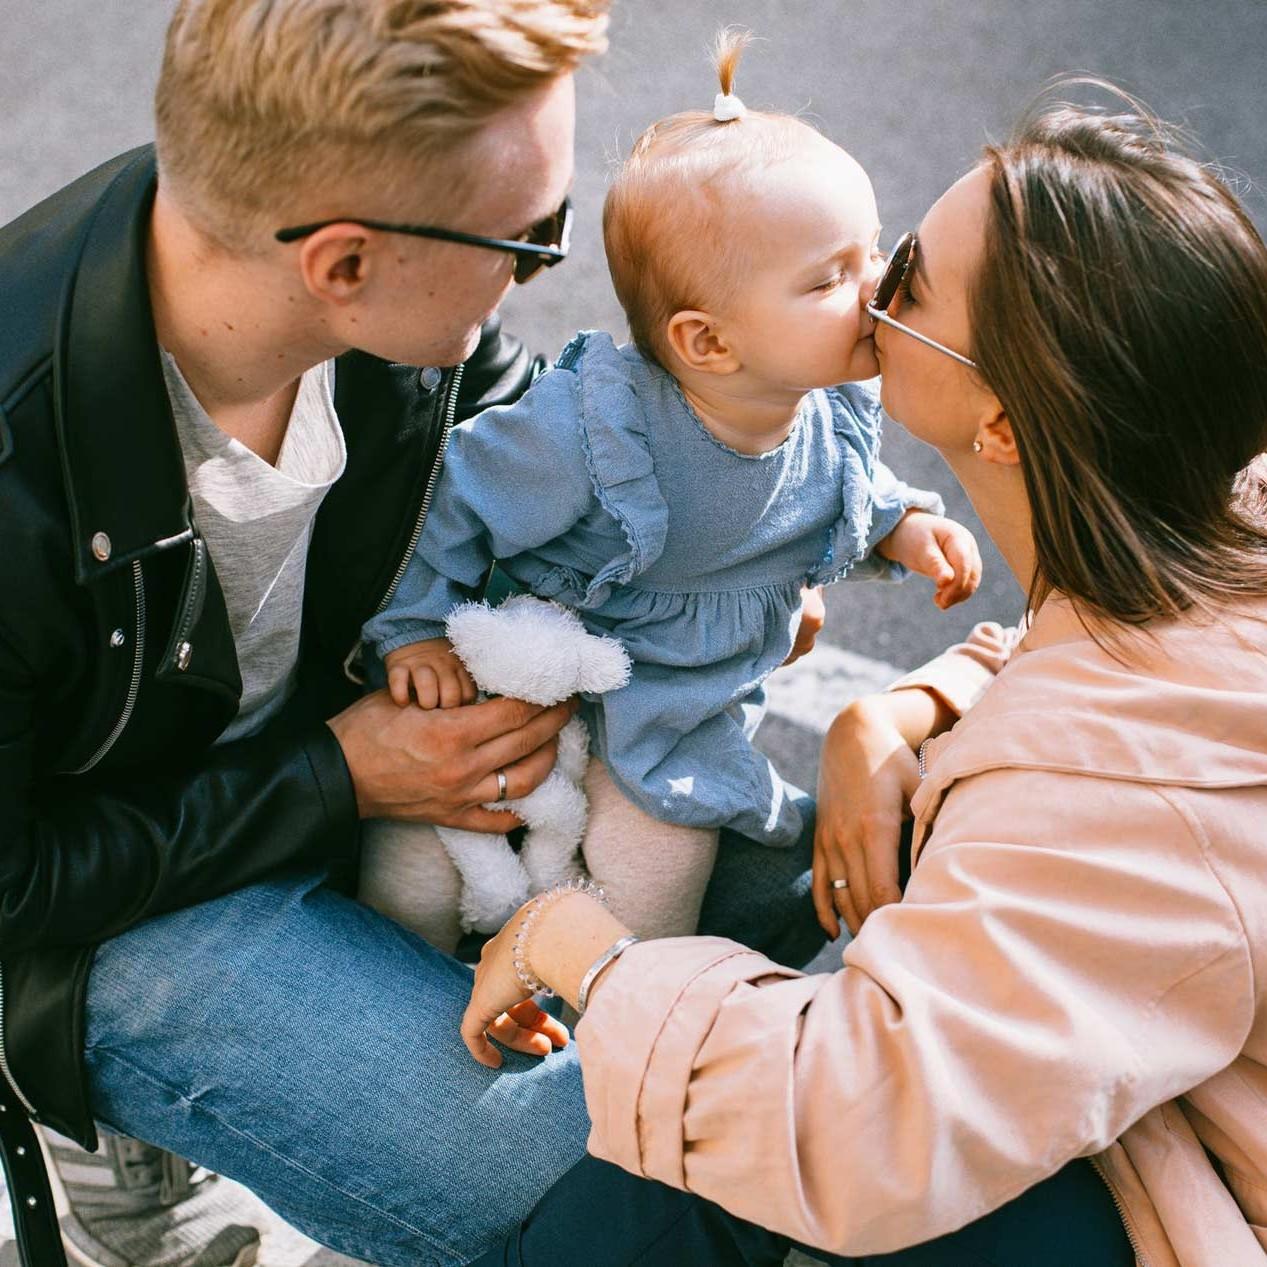 Análisis del estilo parental